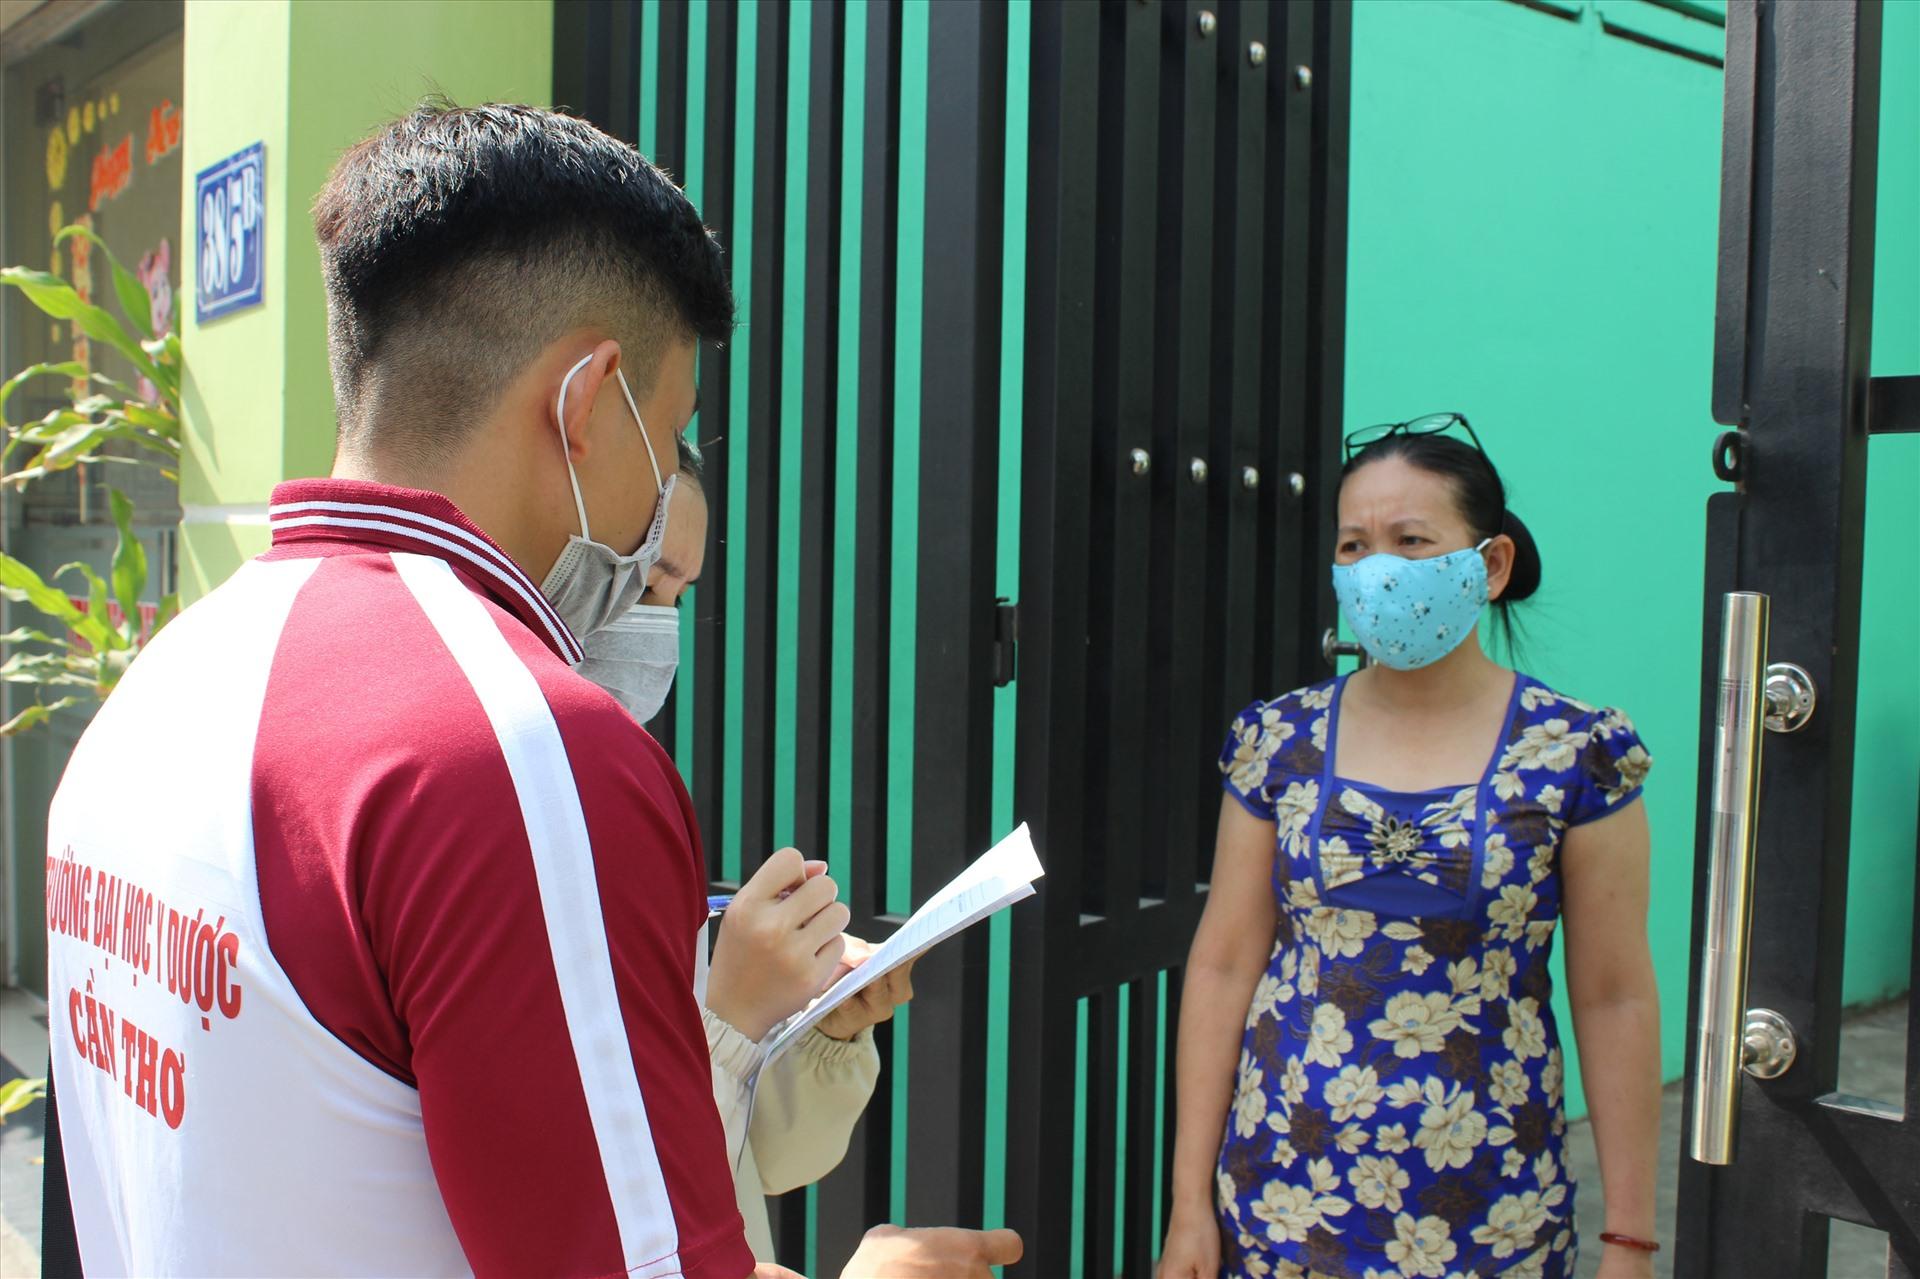 Các sinh viên hướng dẫn người dân thực hiện khai báo y tế